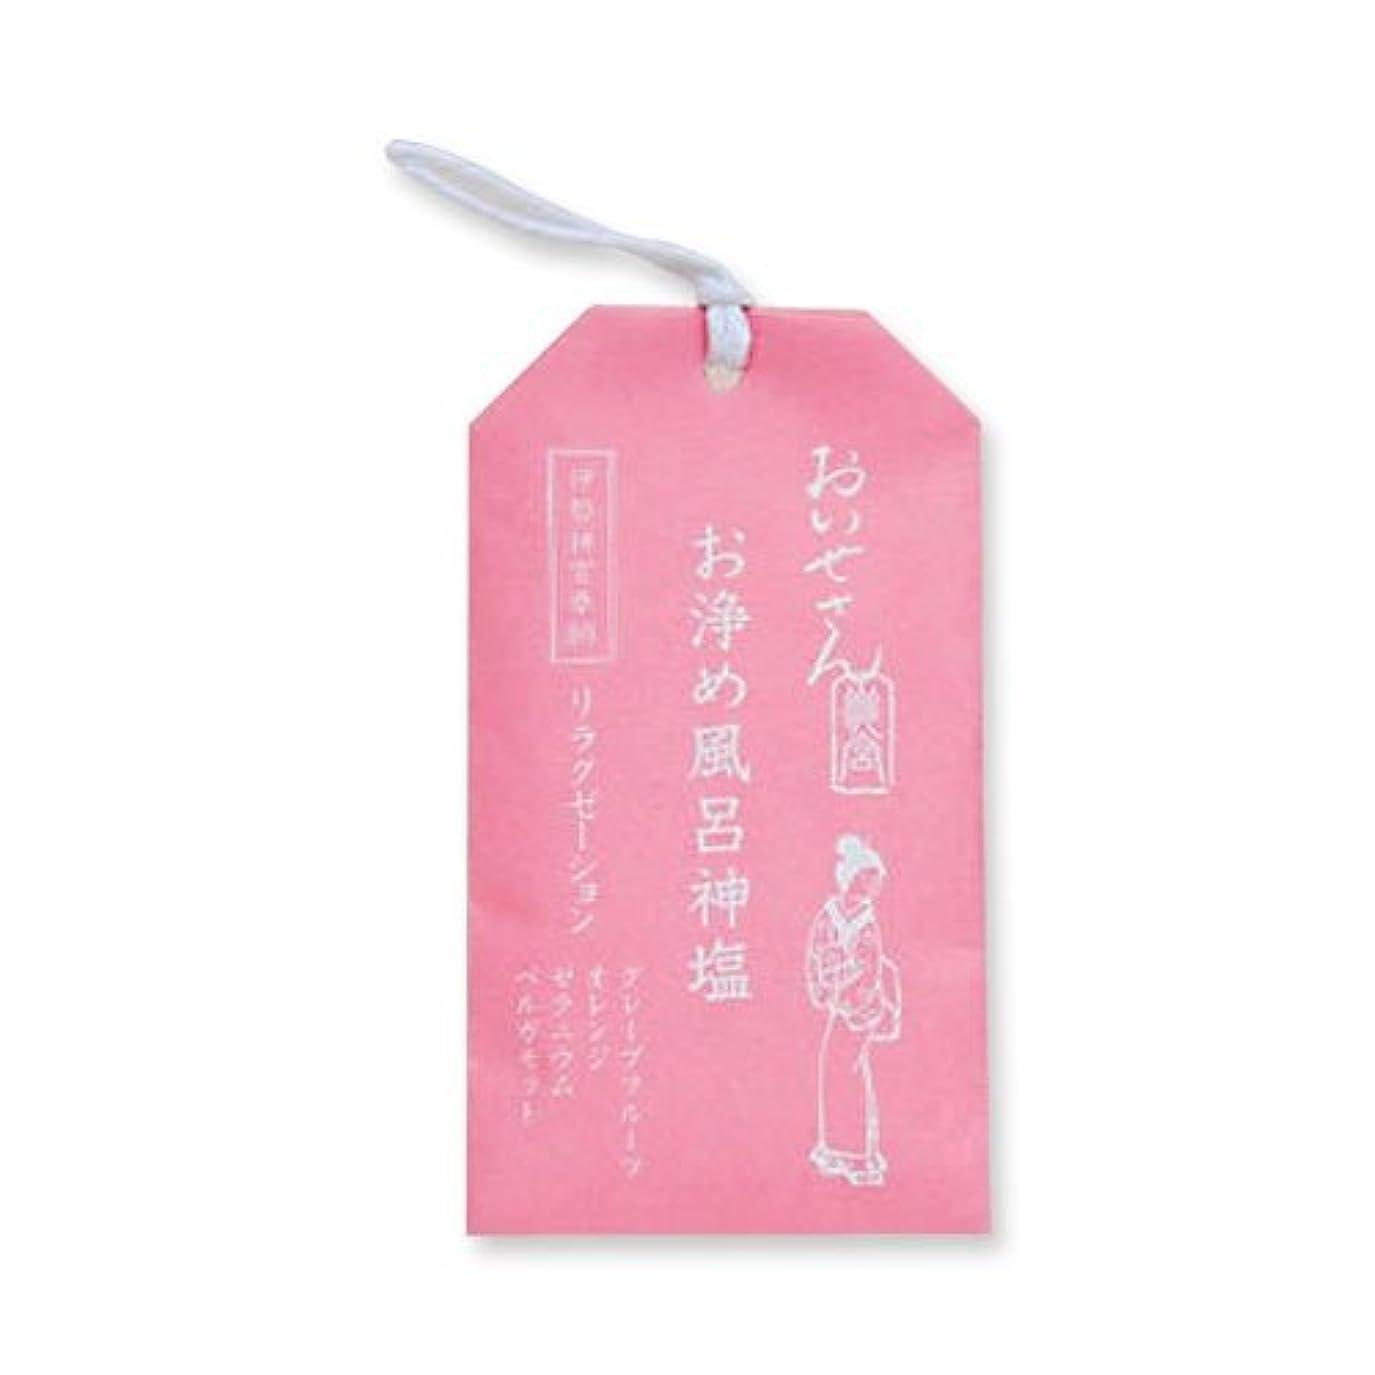 教める製造おいせさん お浄め風呂神塩 バス用ソルト(リラクゼーション) 20g